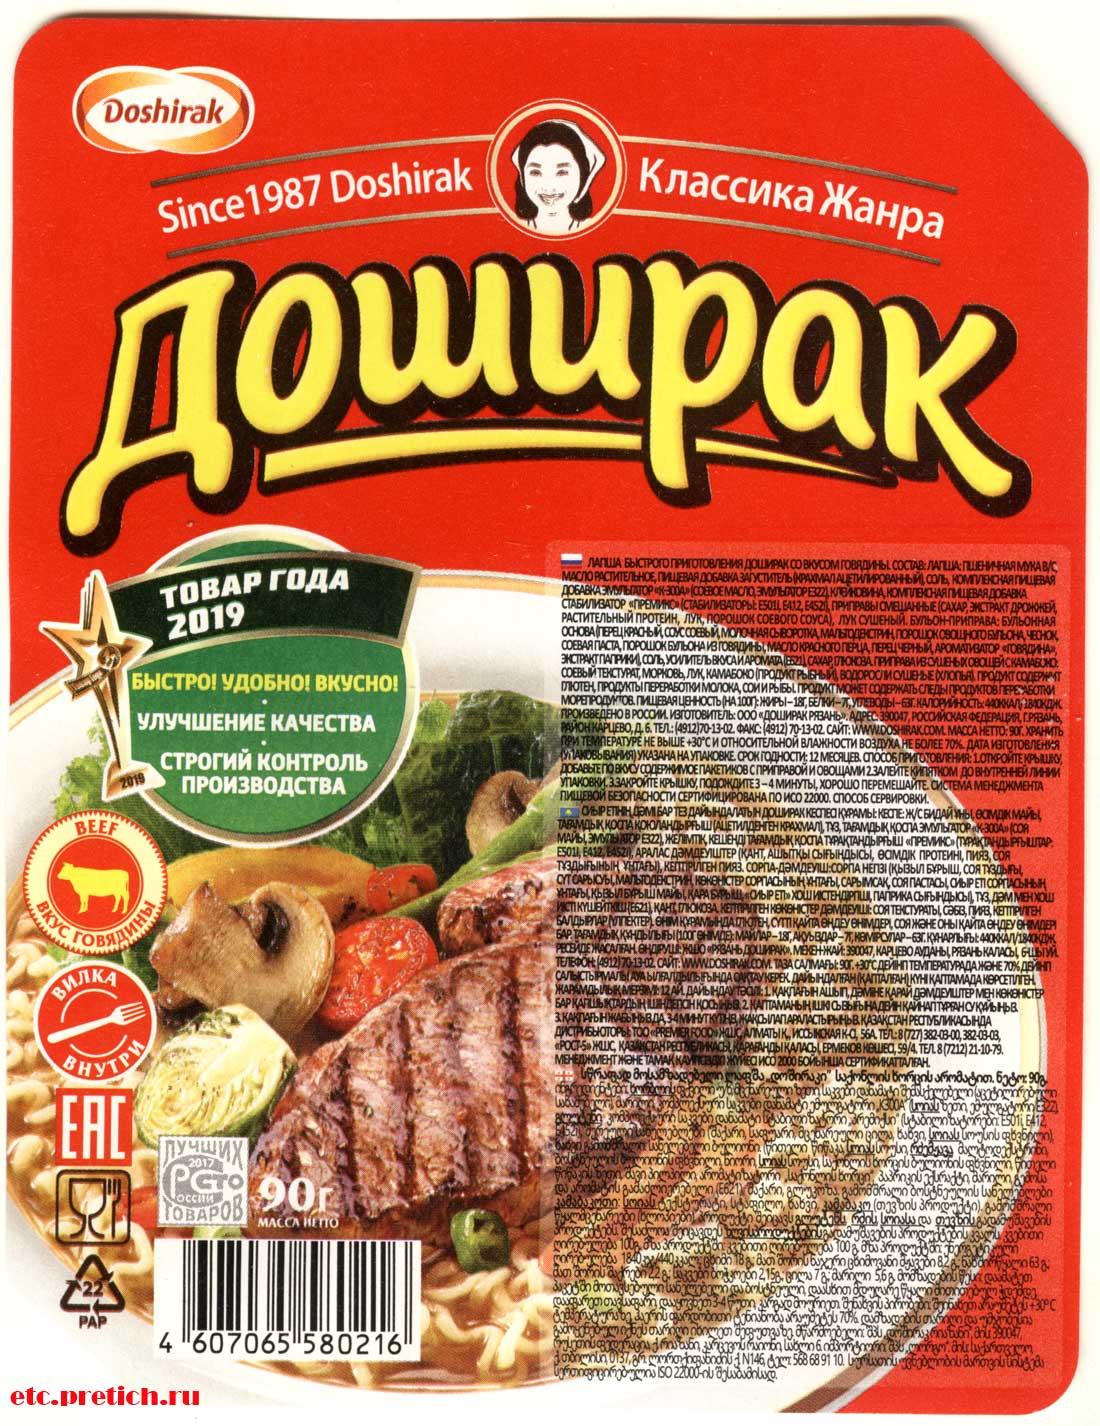 Доширак лапша БП со вкусом говядины - отзыв и впечатление